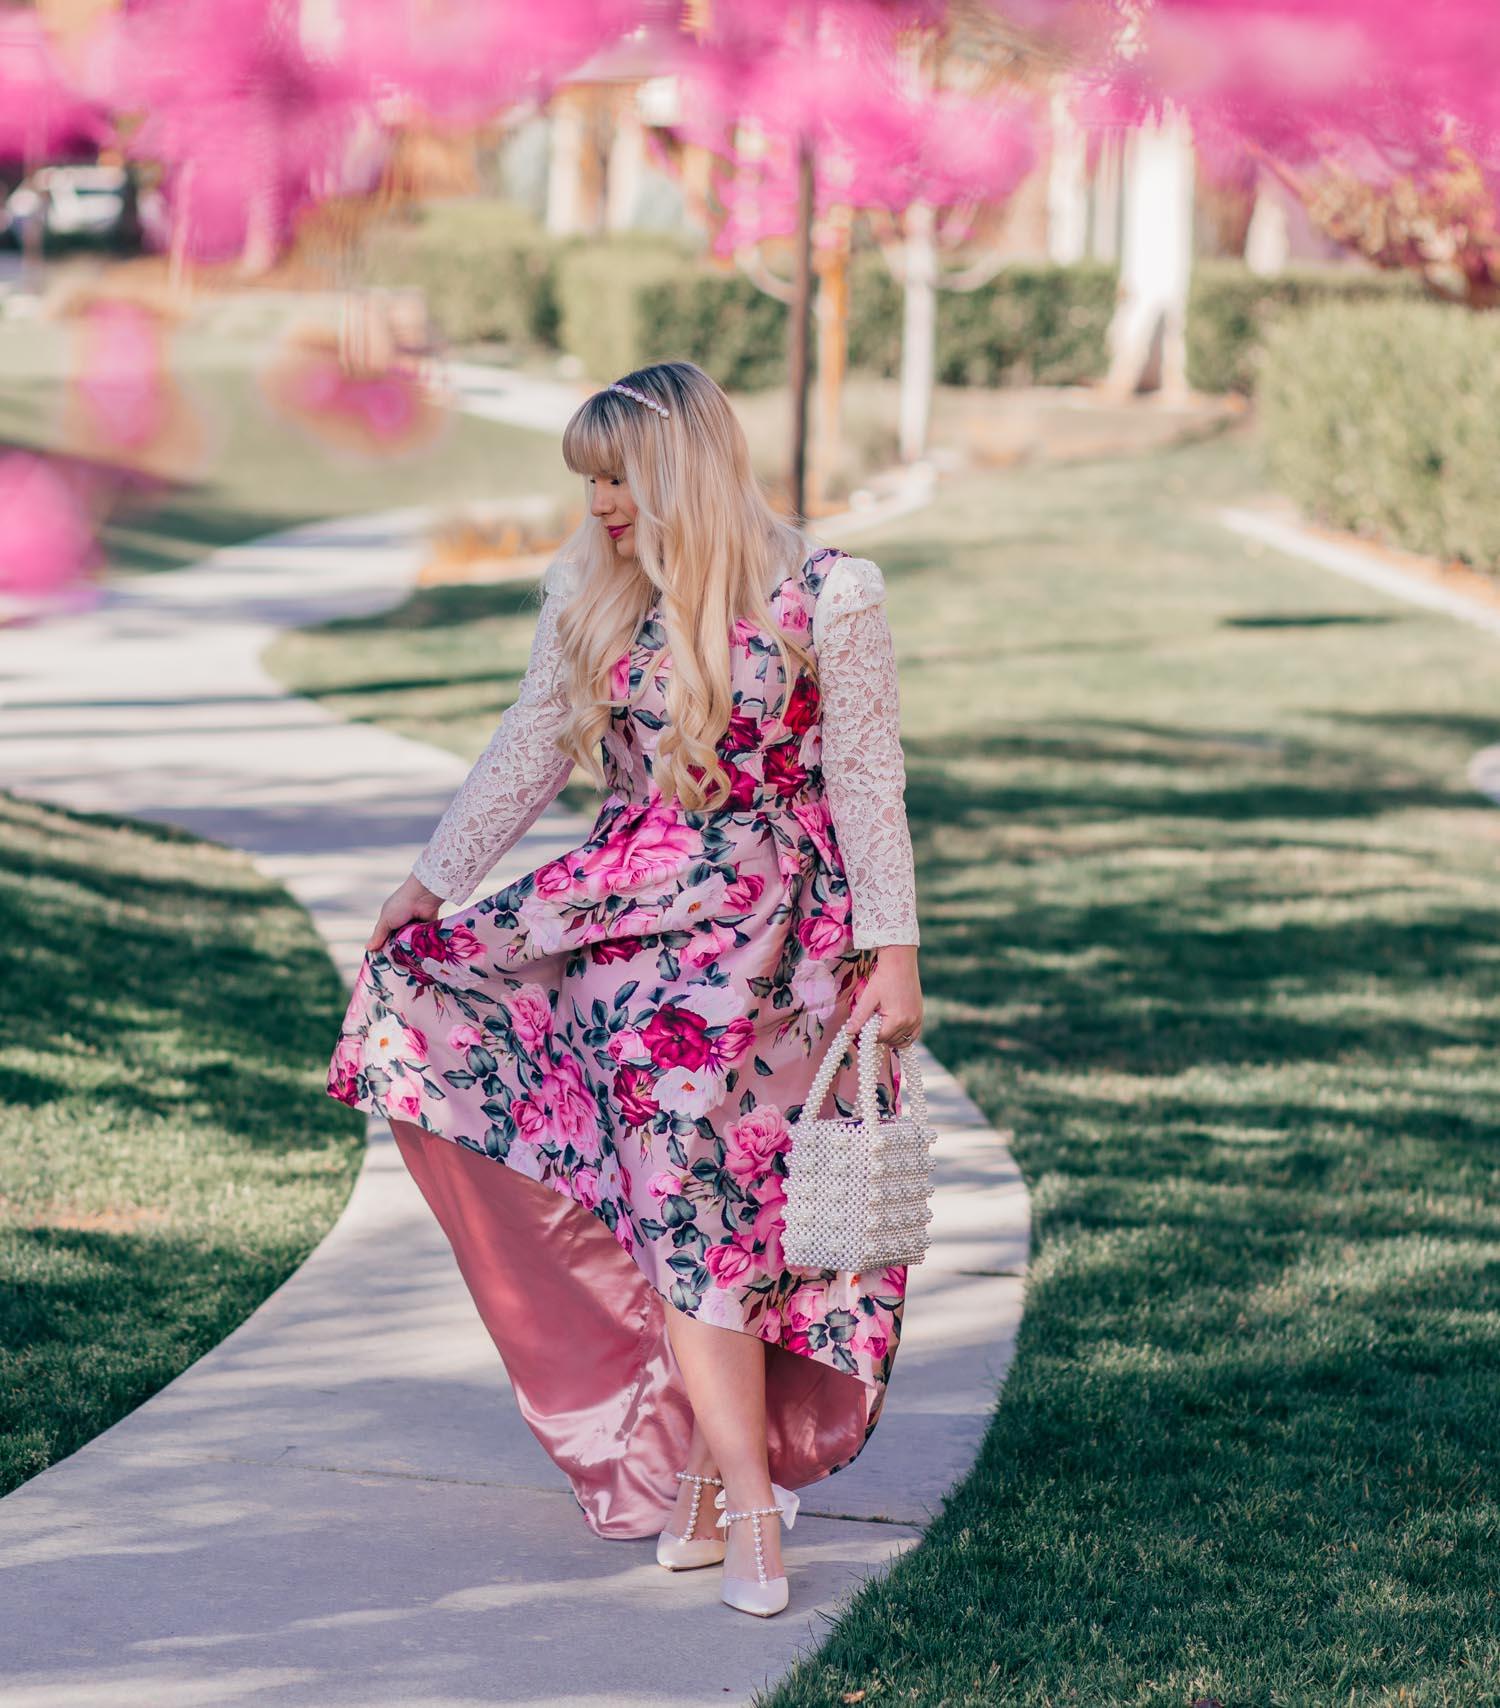 Elizabeth Hugen of Lizzie in Lace wears a pink floral dress